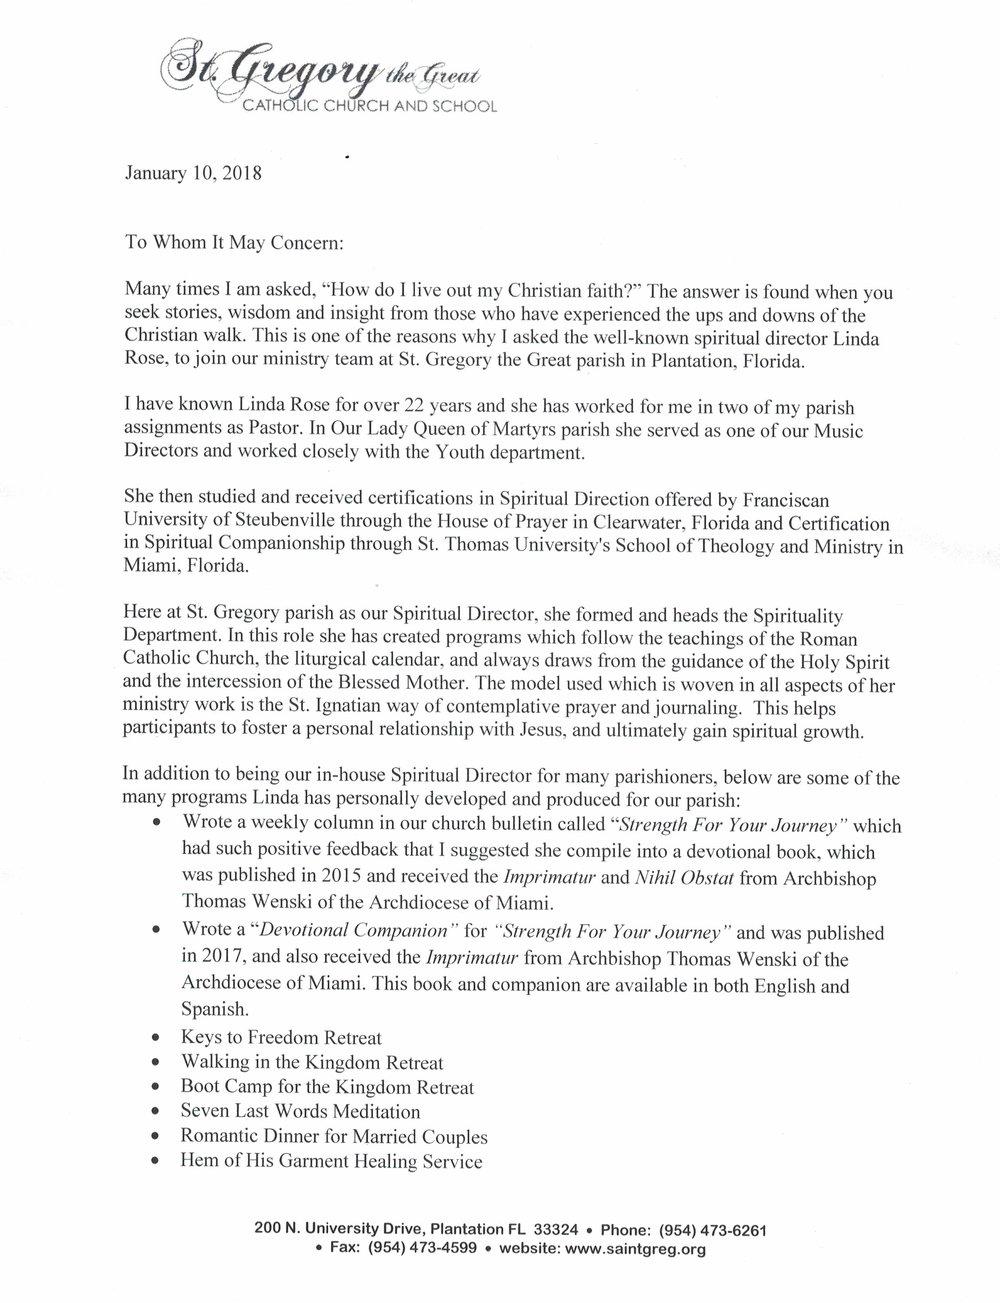 Letter from Pastor pg 1